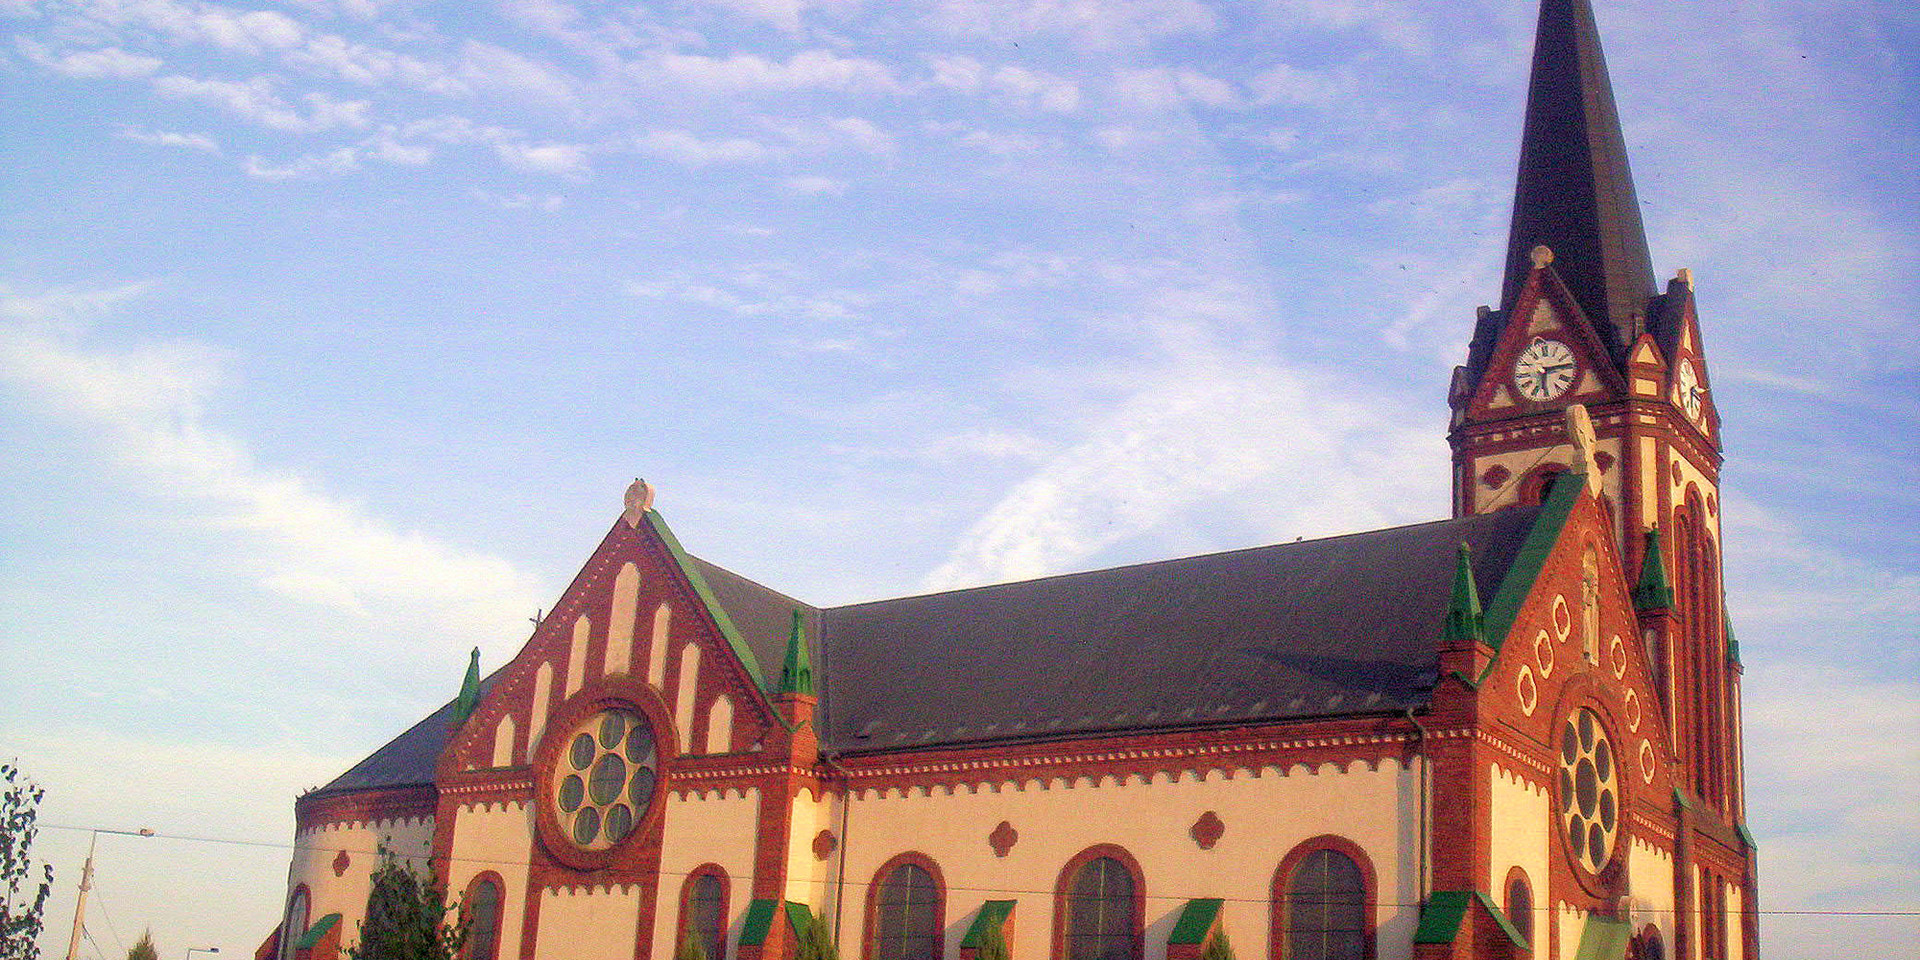 Fajsz church (Day 3)